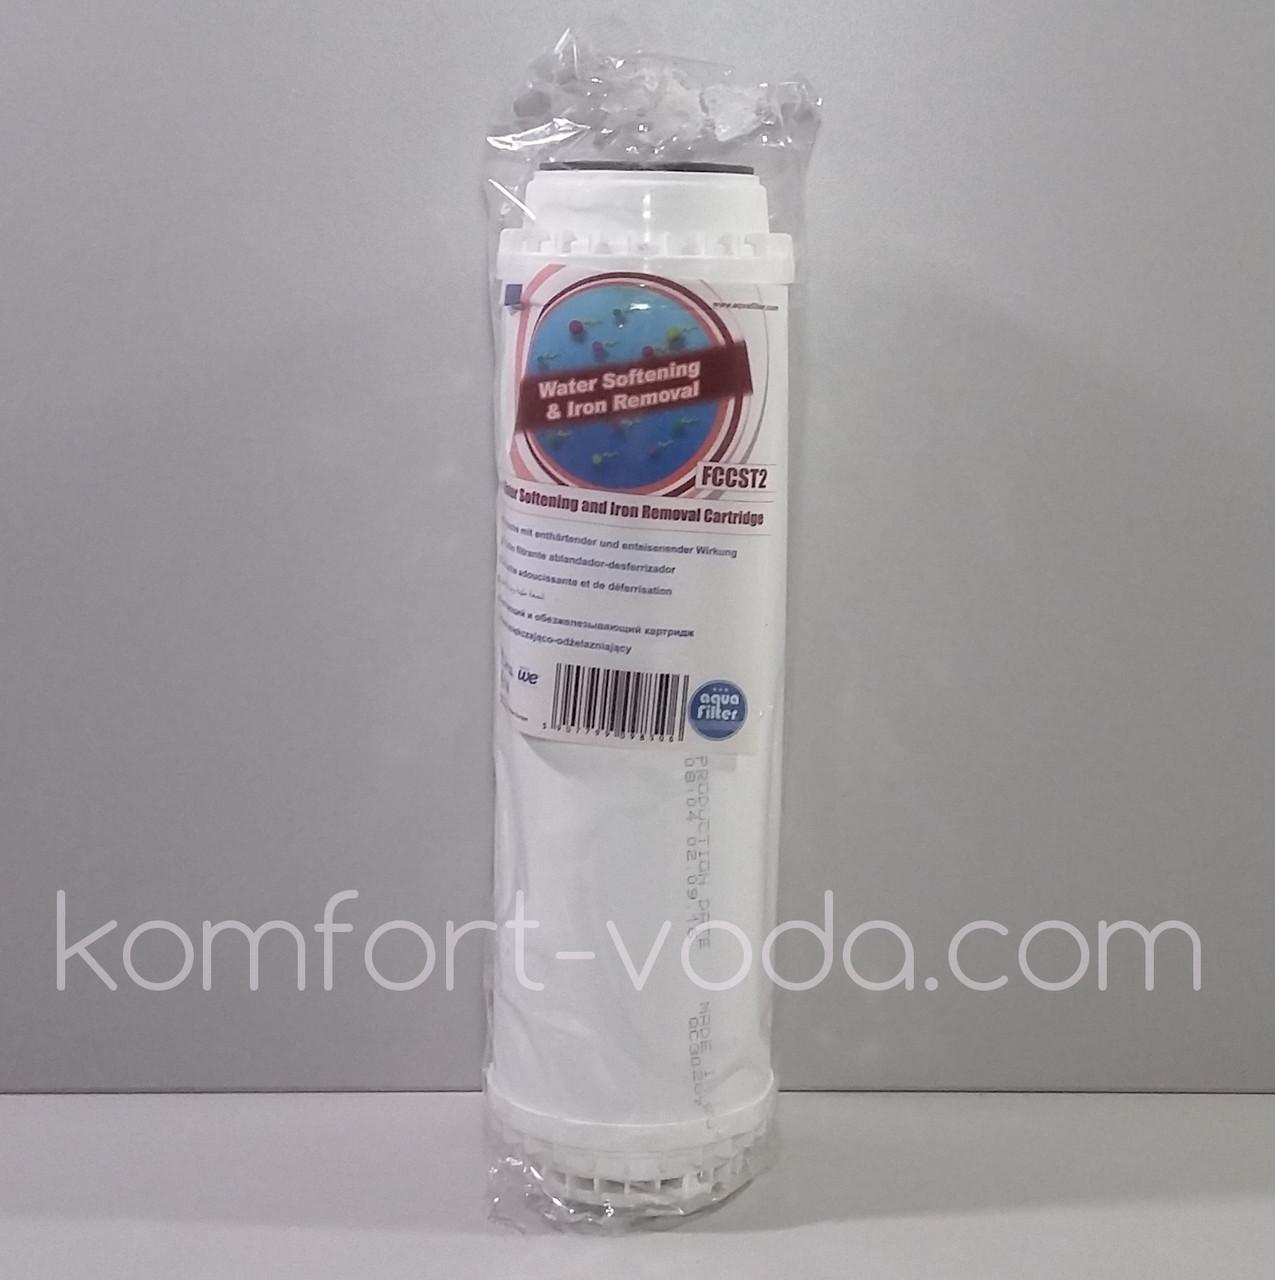 """Картридж умягчения и удаления растворенного железа Aquafilter FCCST2, 10"""""""